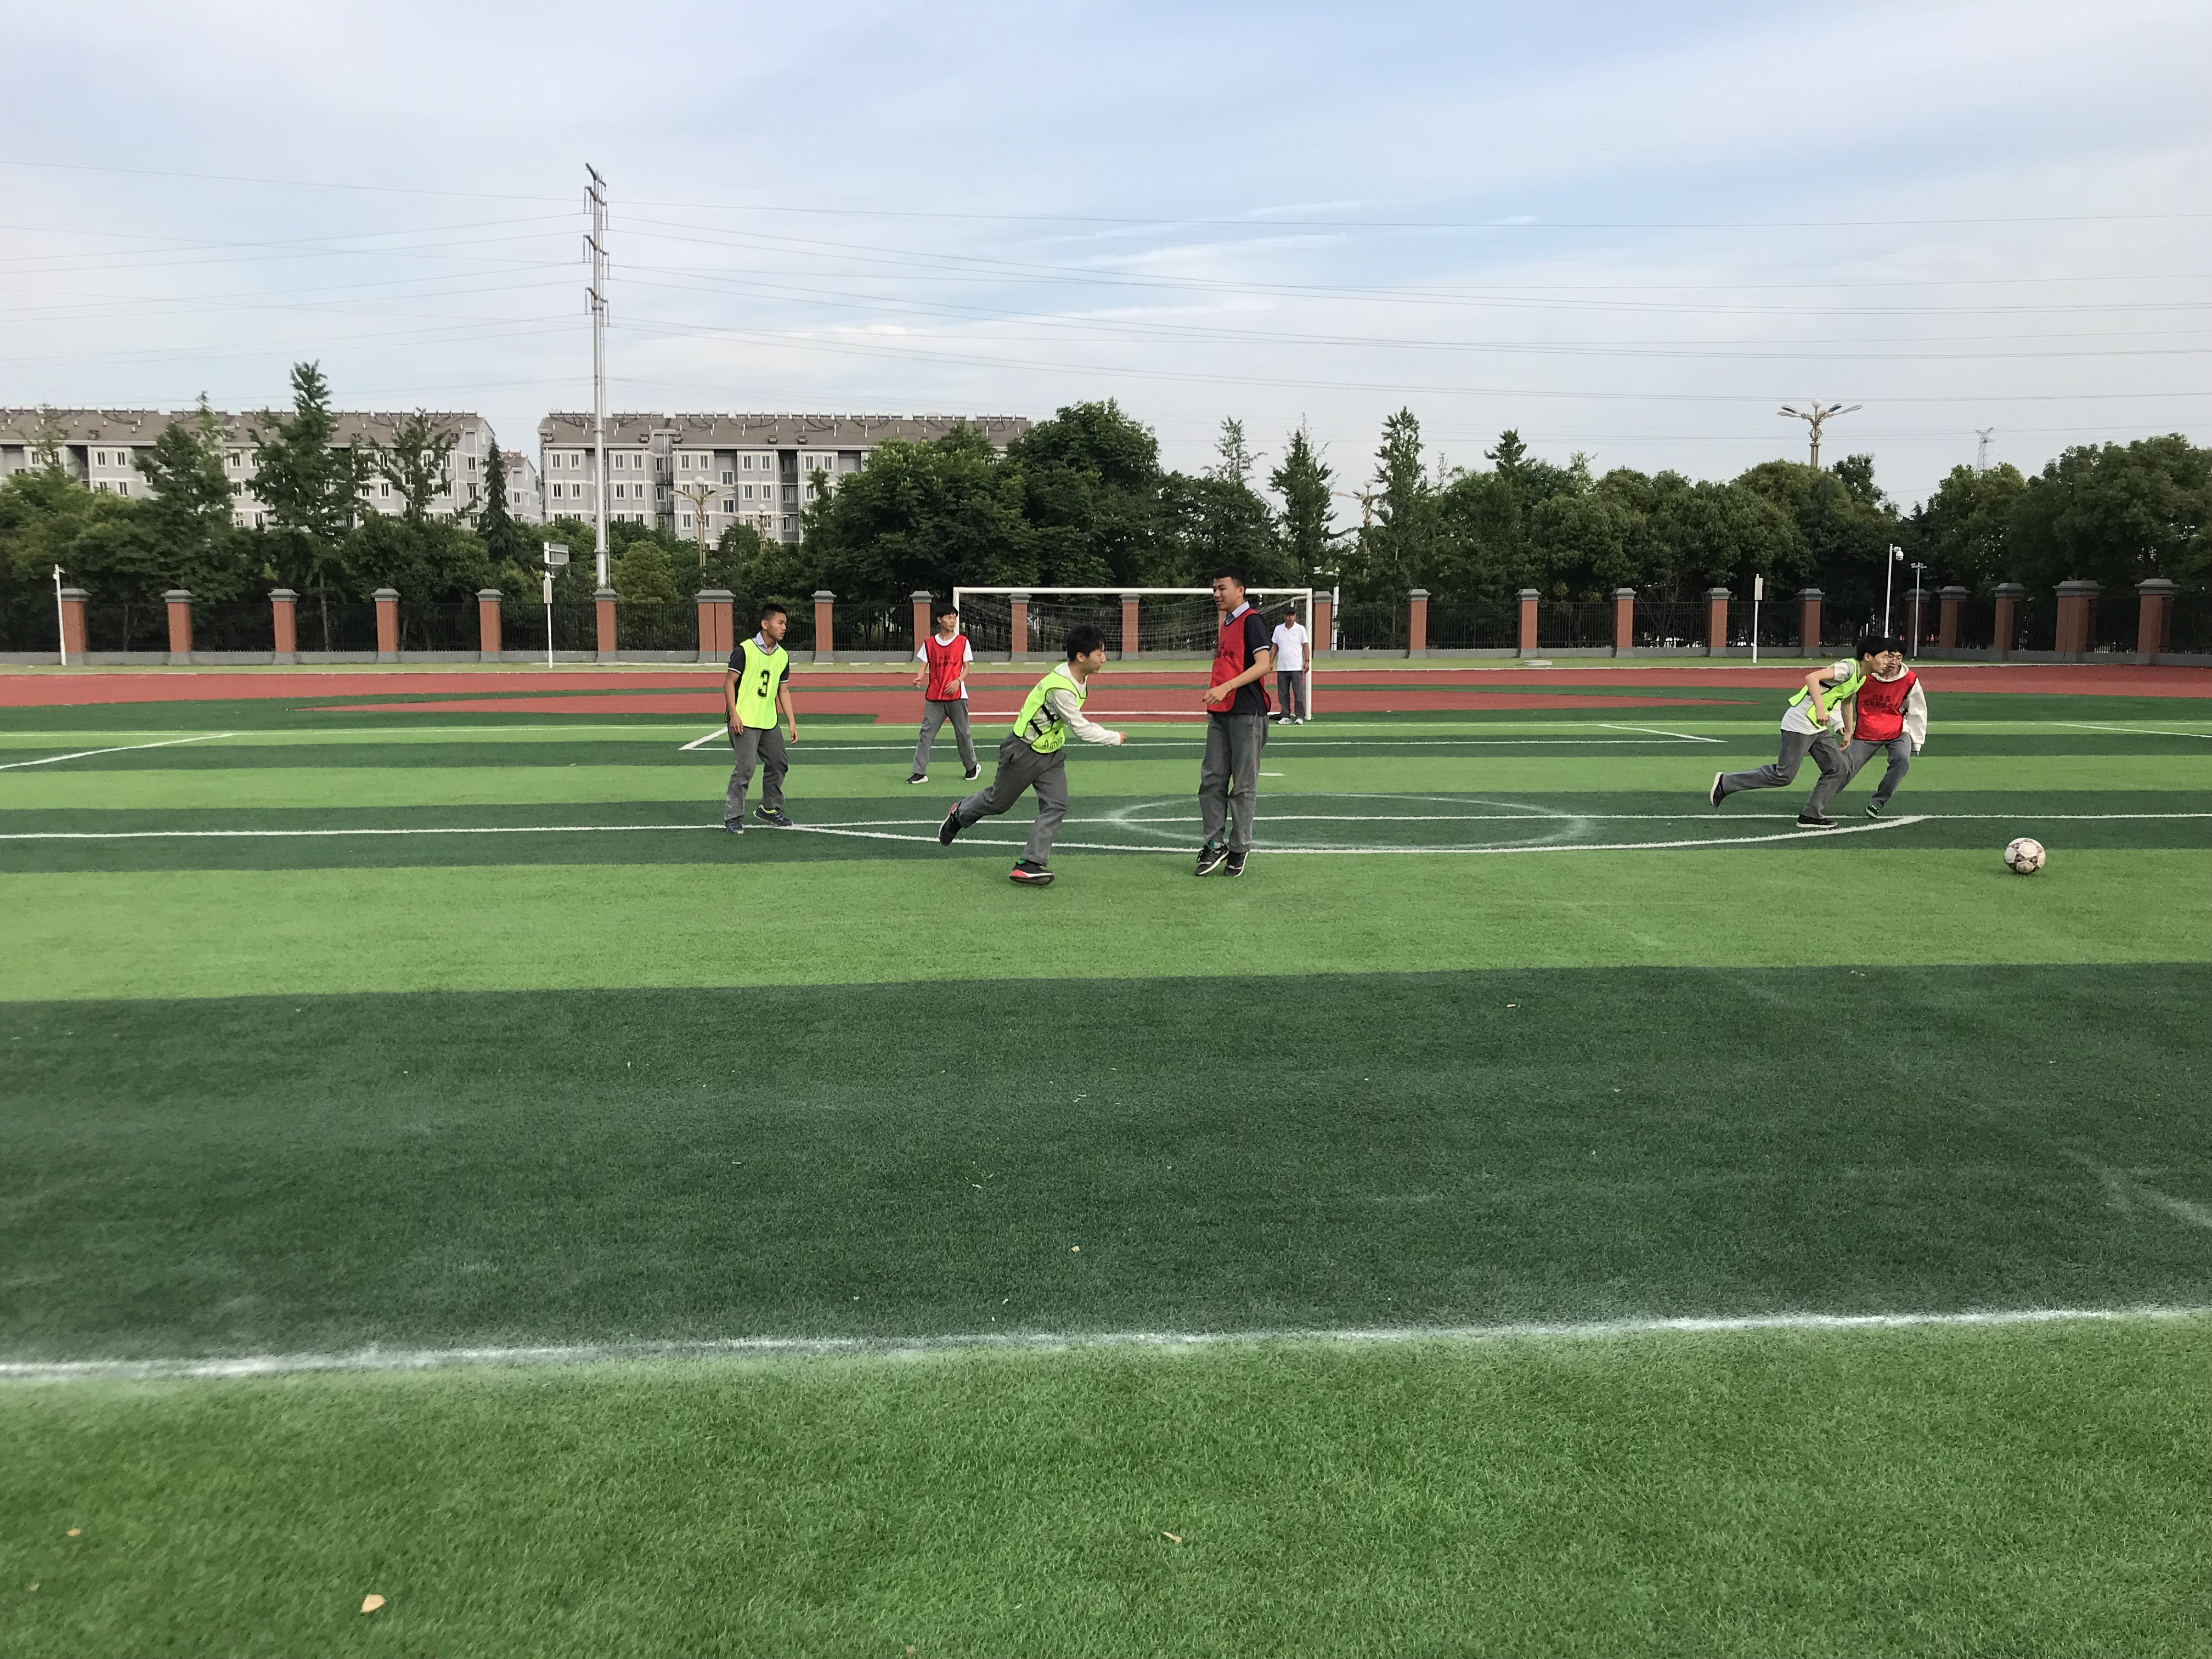 青白江足球联赛_西班牙足球甲级联赛直播_武林足球经理2 同一个联赛